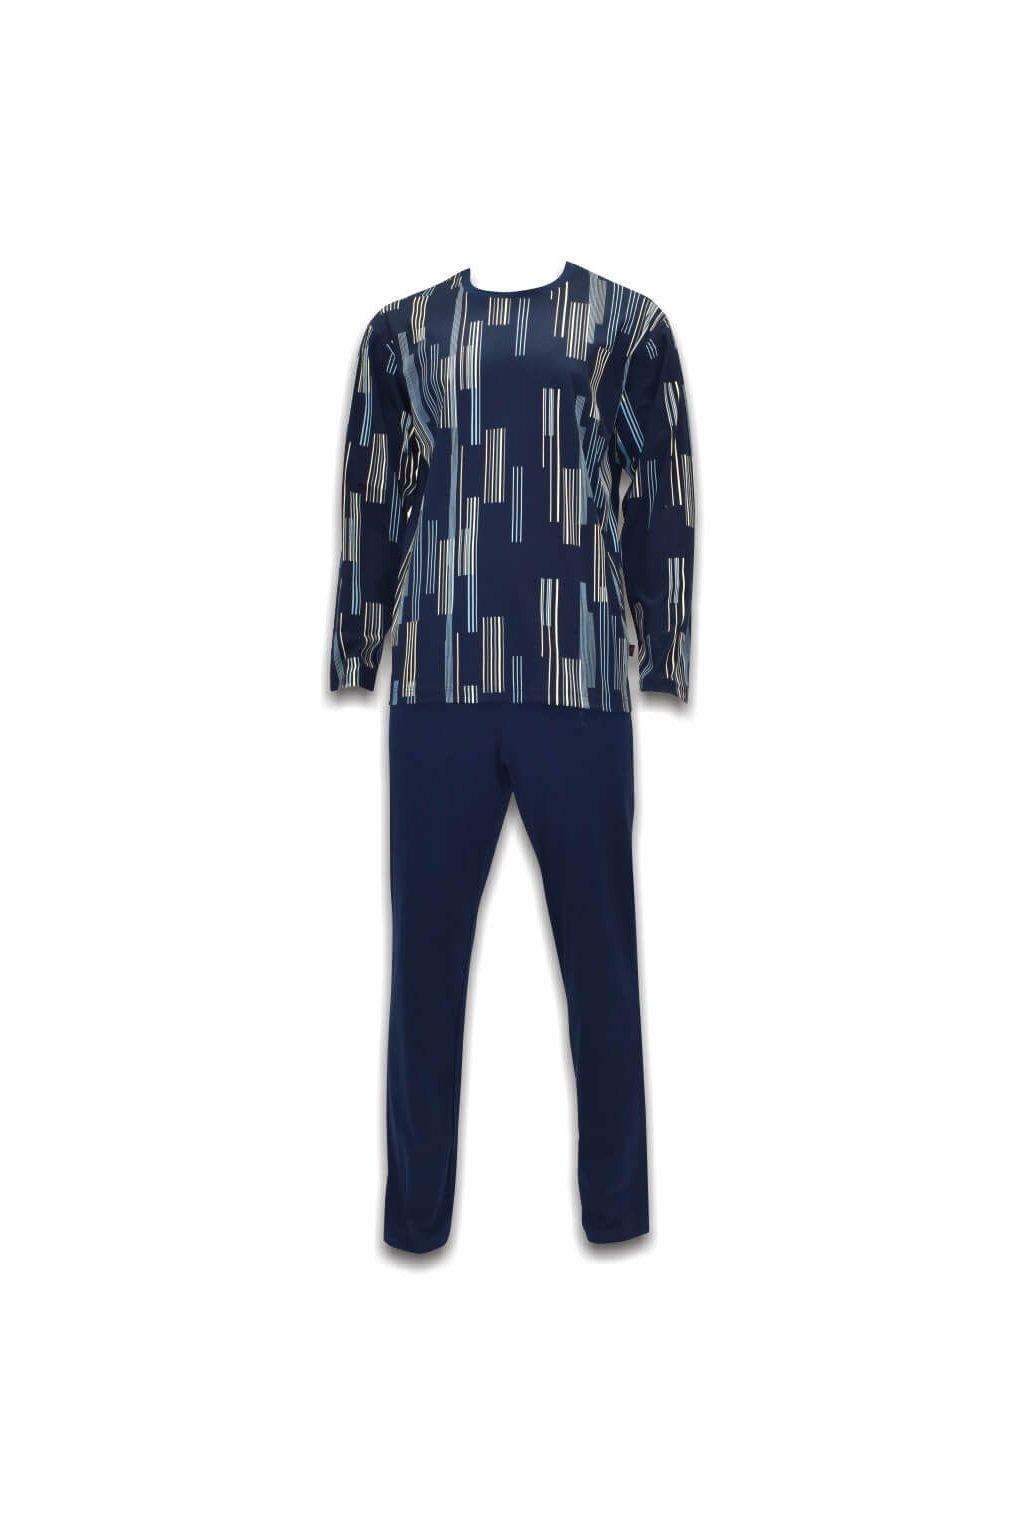 pánske modré pyžamo